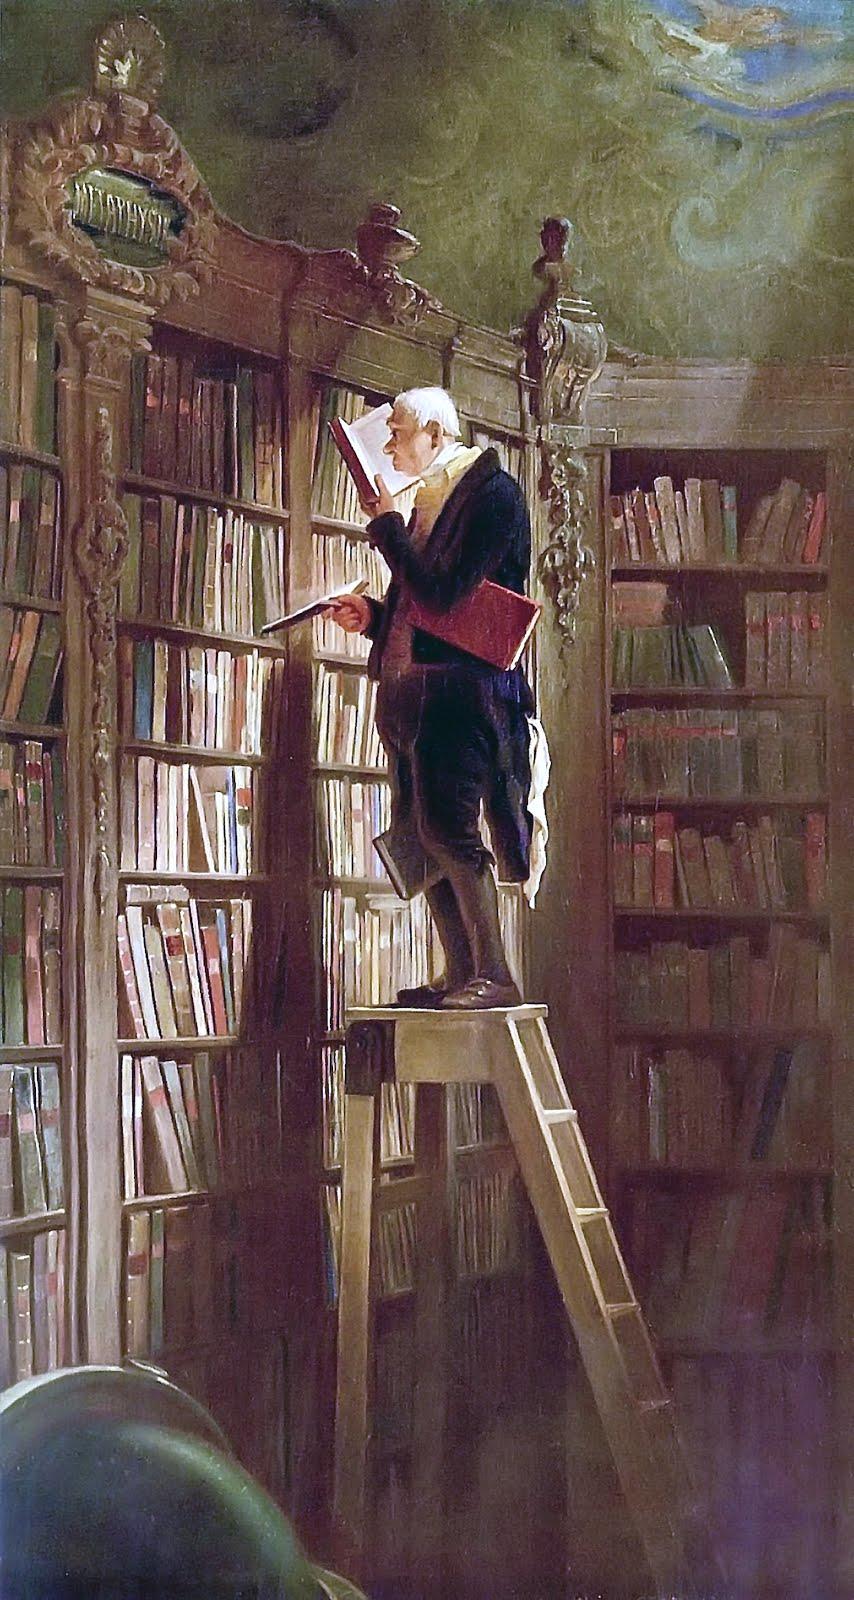 El ratón de biblioteca